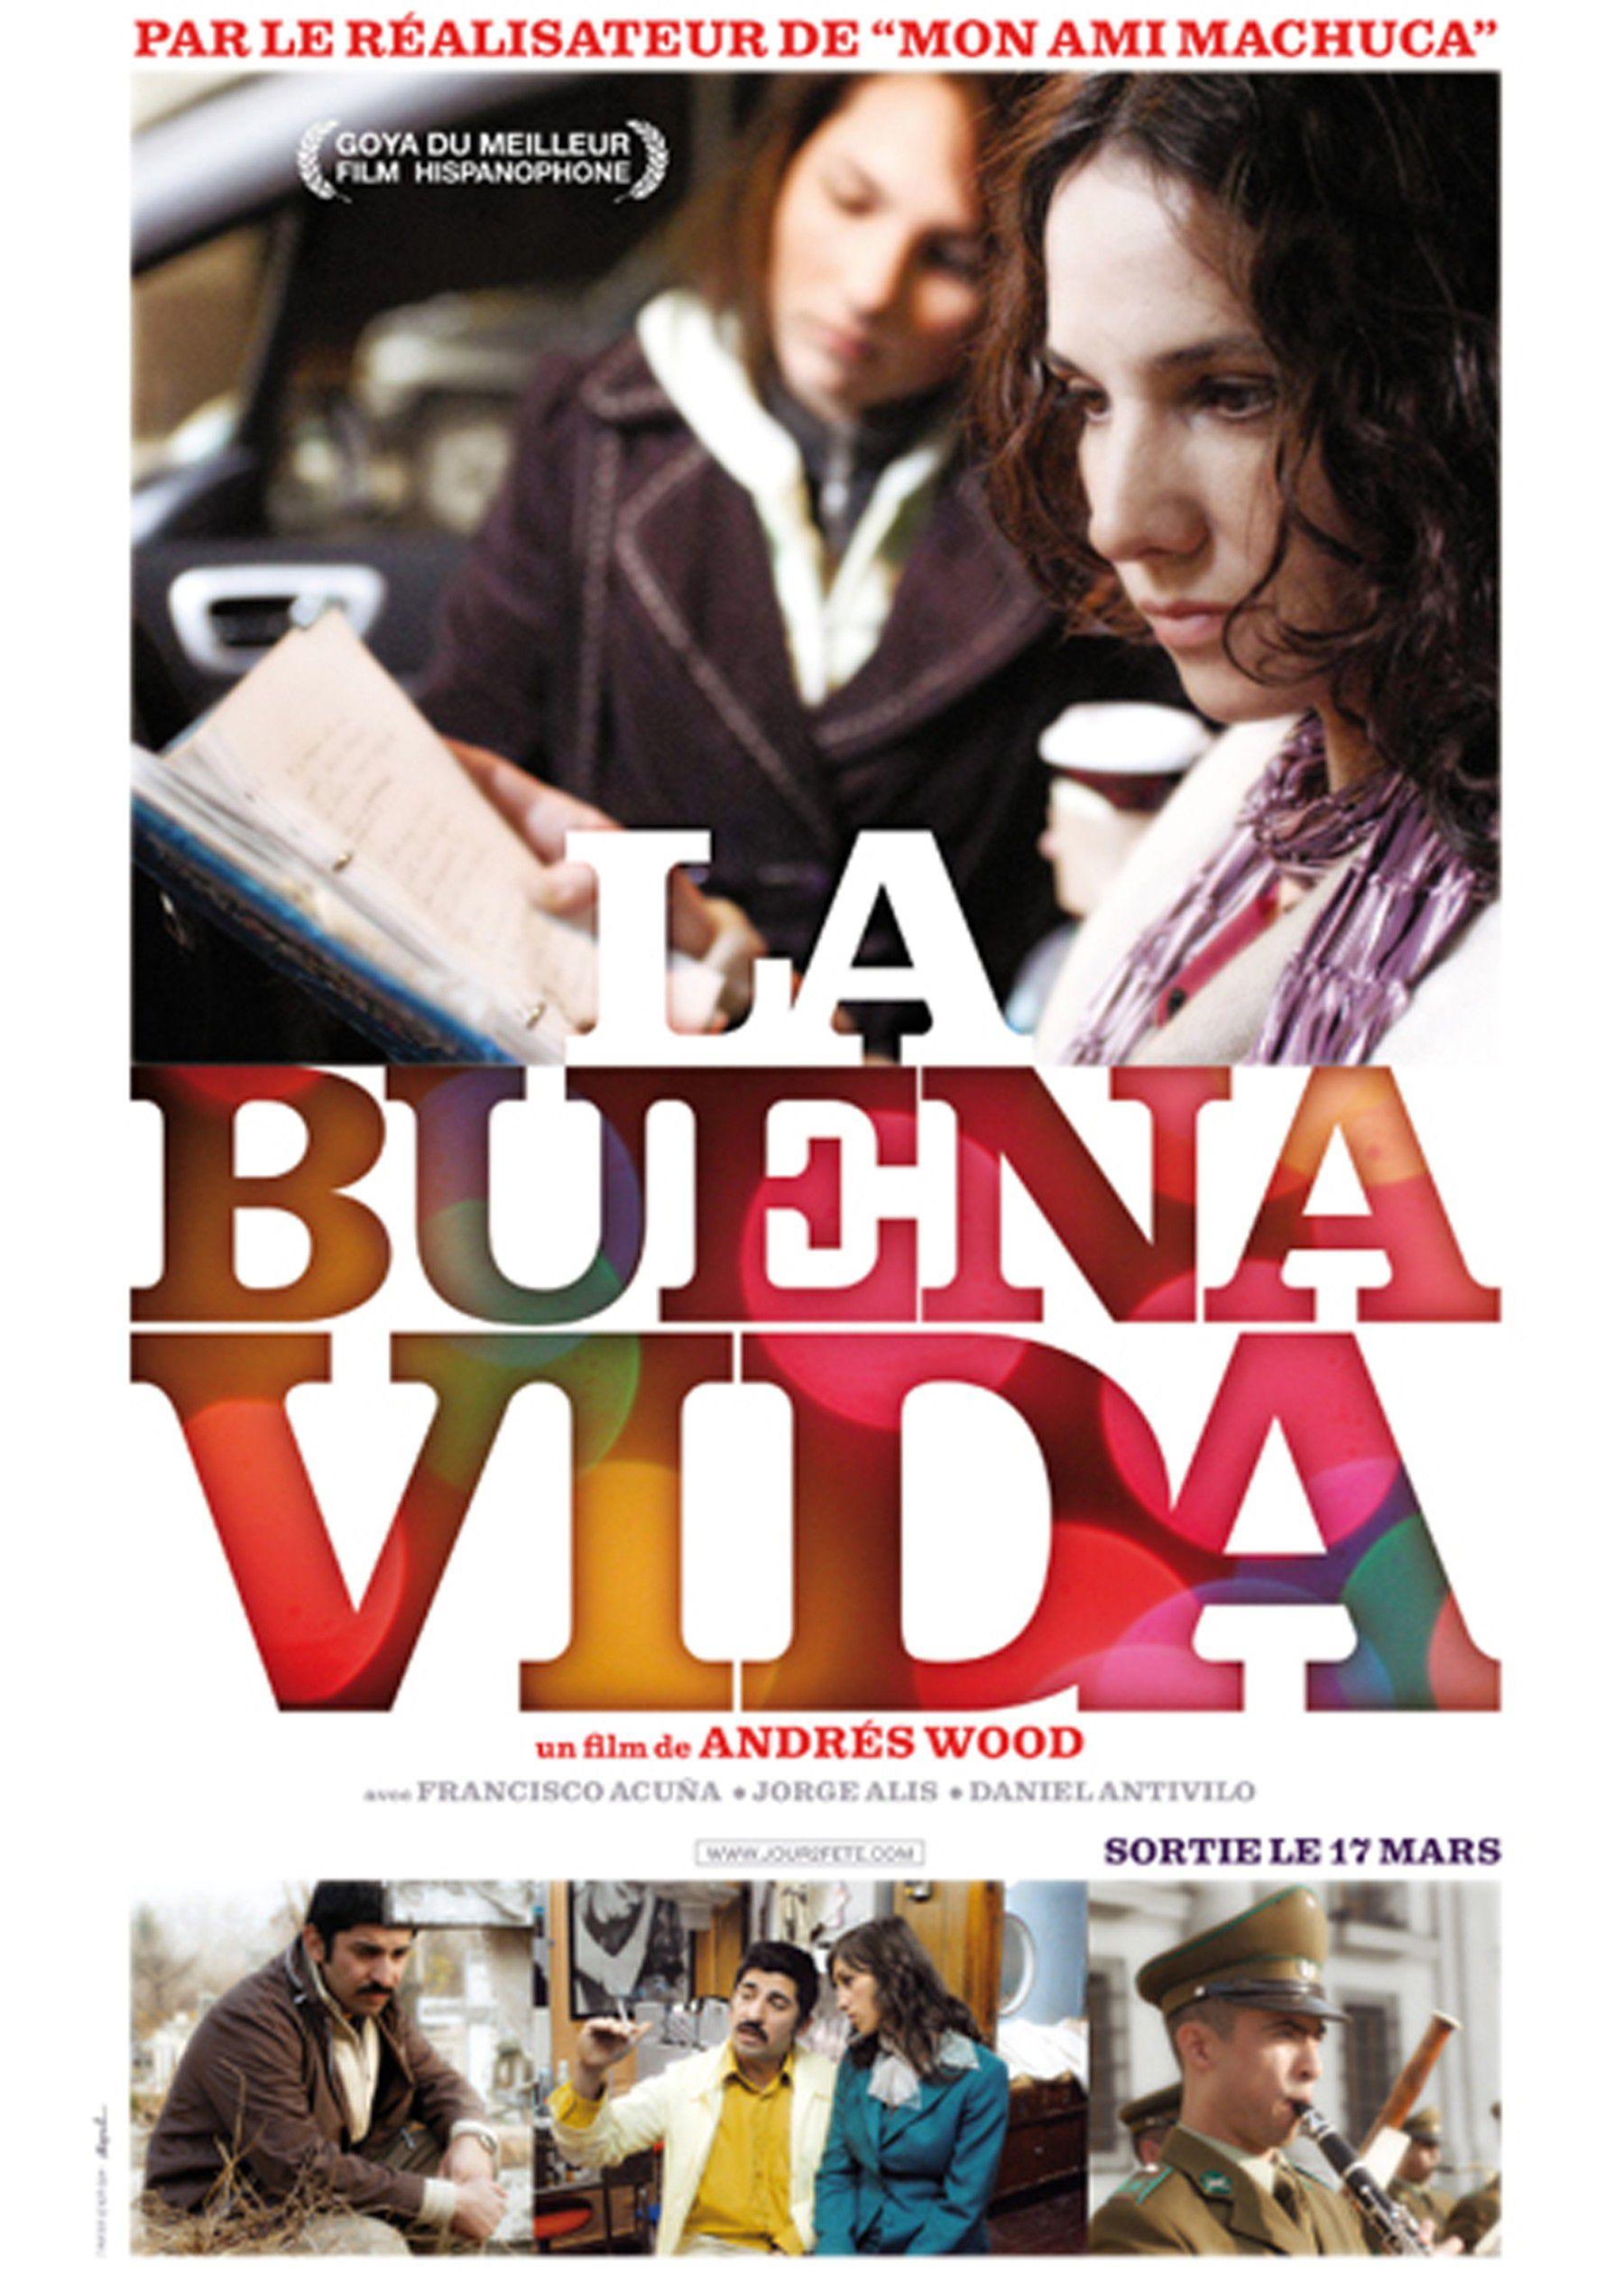 La Buena Vida - Film (2008)